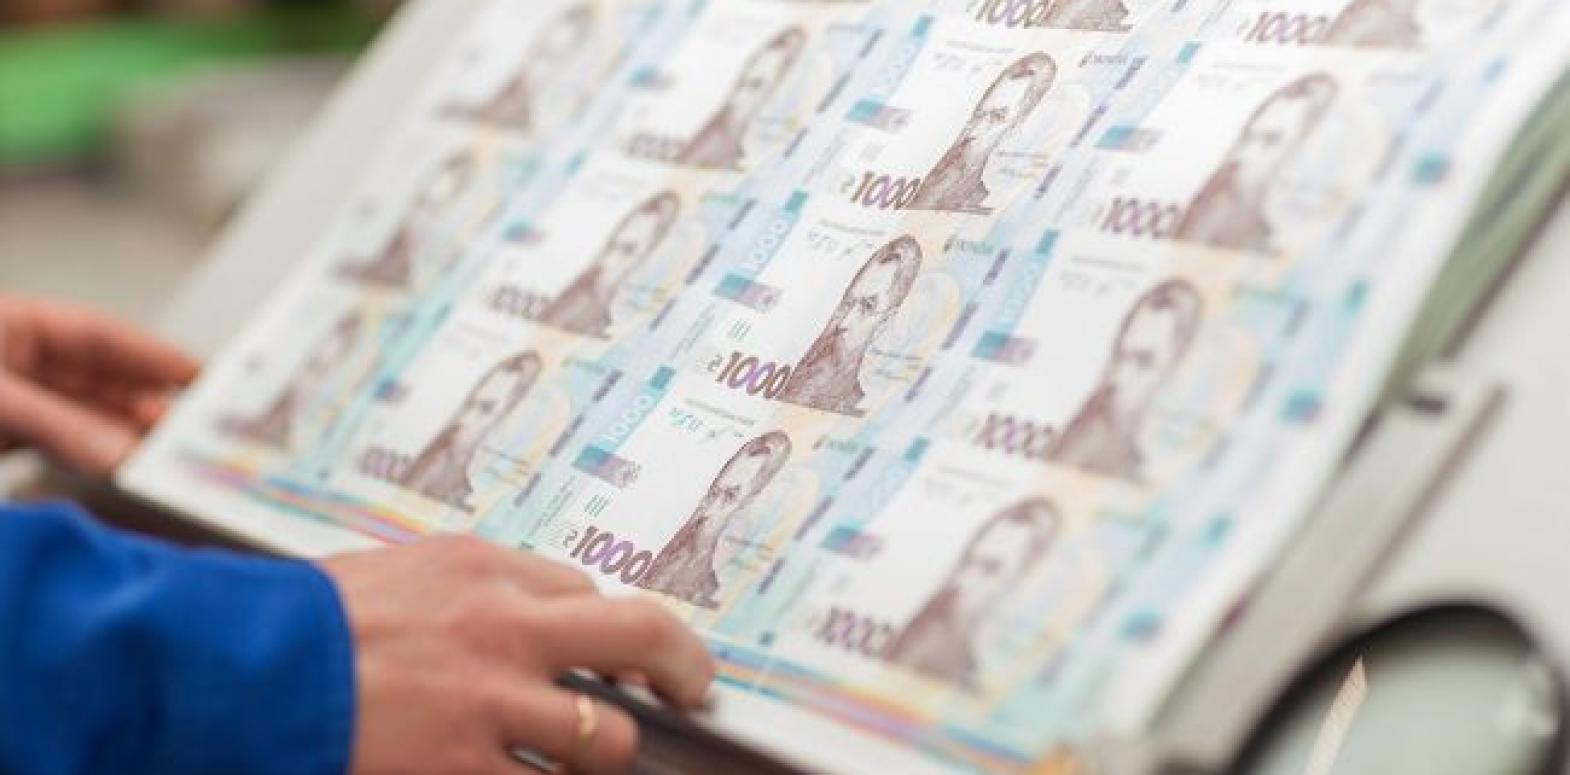 НБУ на этой неделе выпустит банкноту в тысячу гривен